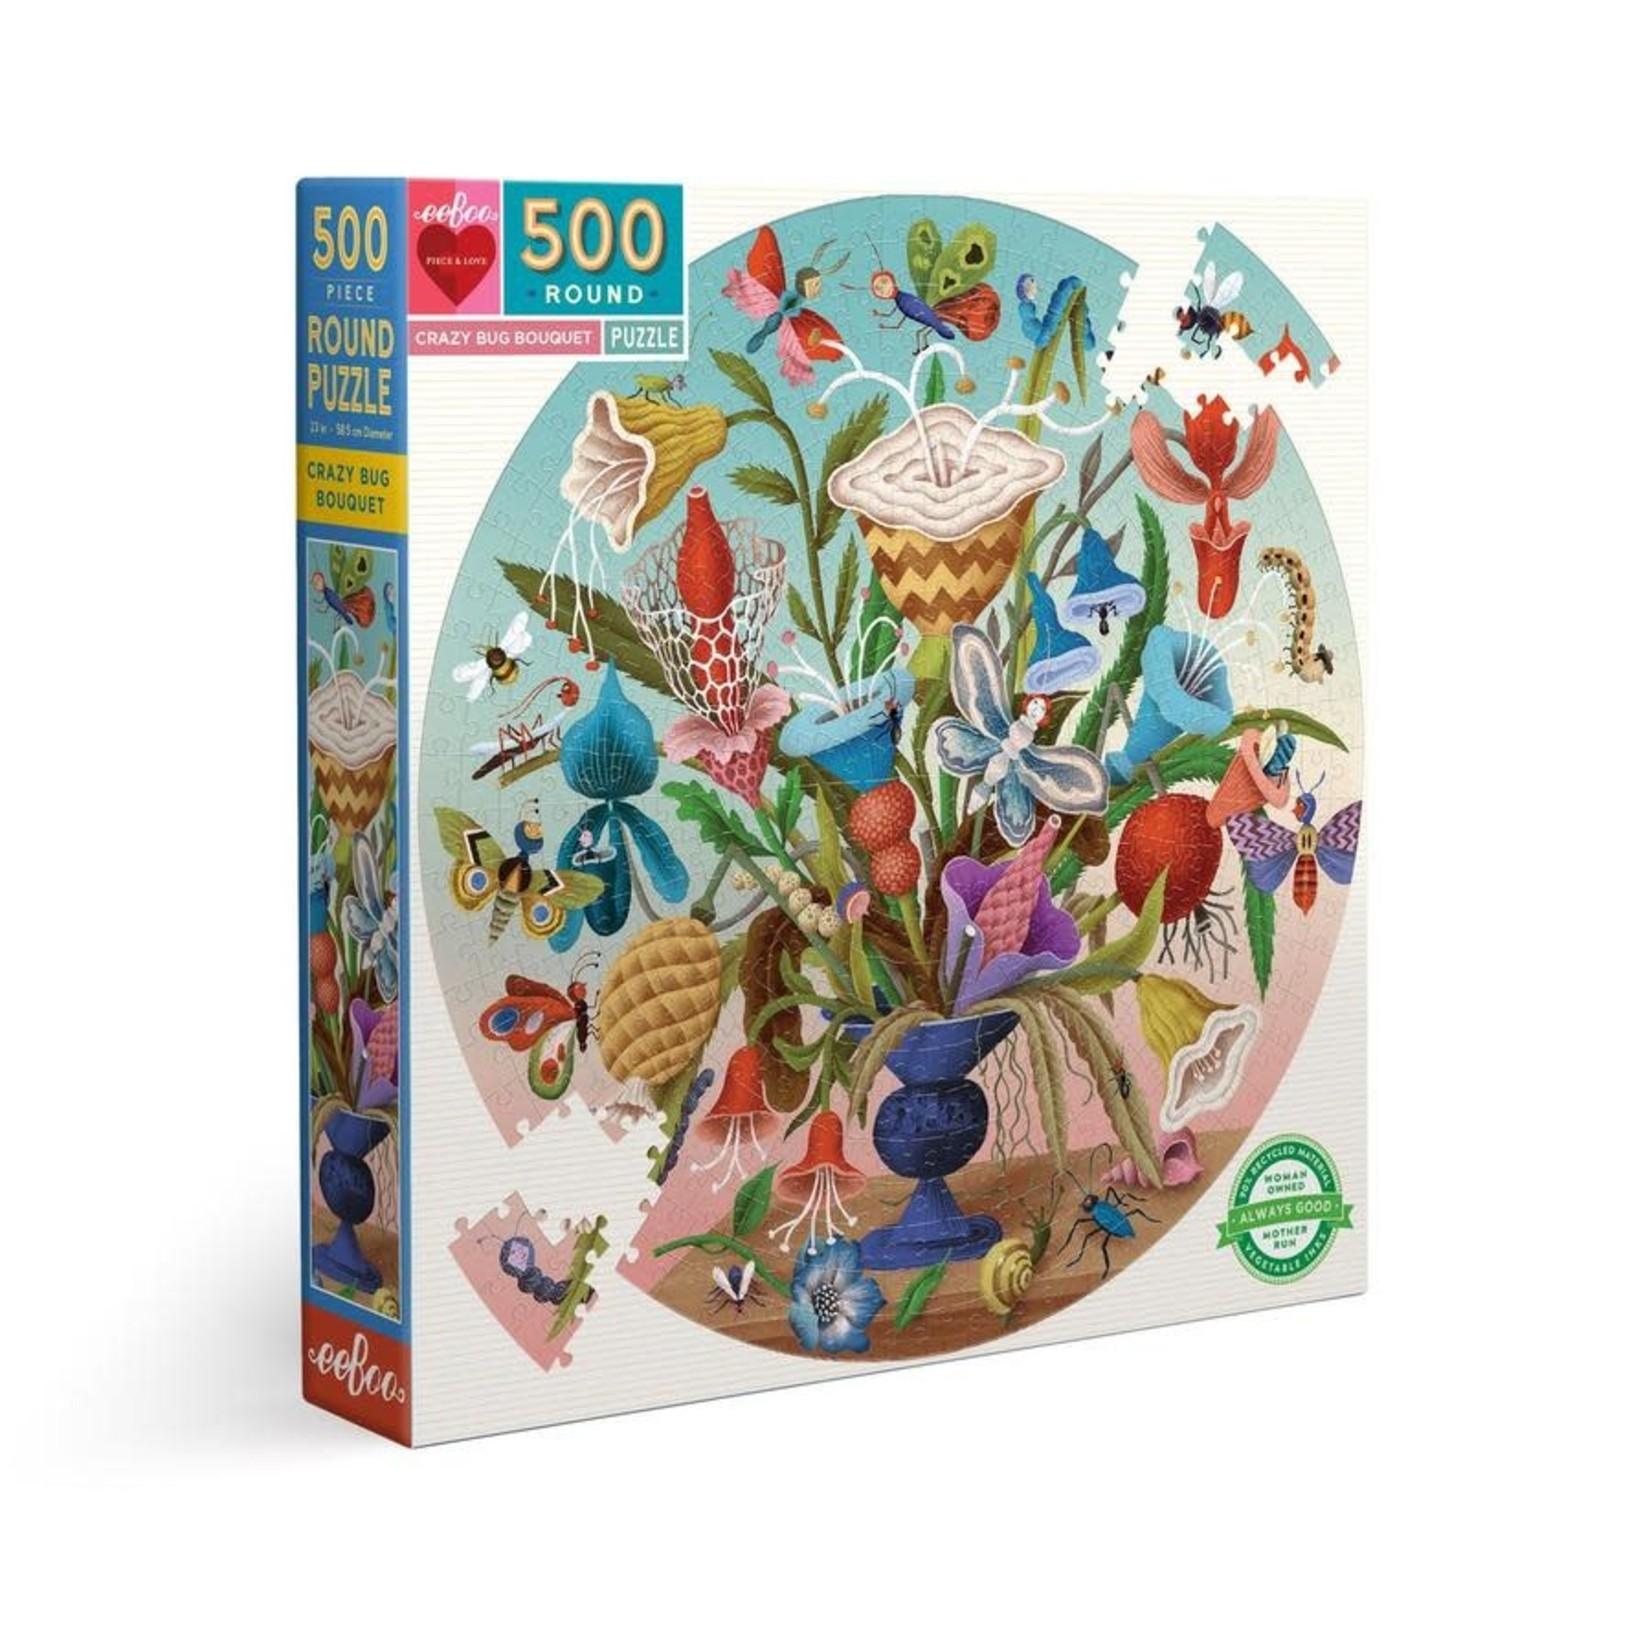 eeBoo eeBoo Puzzle:  Crazy Bug Bouquet 500 pc Round